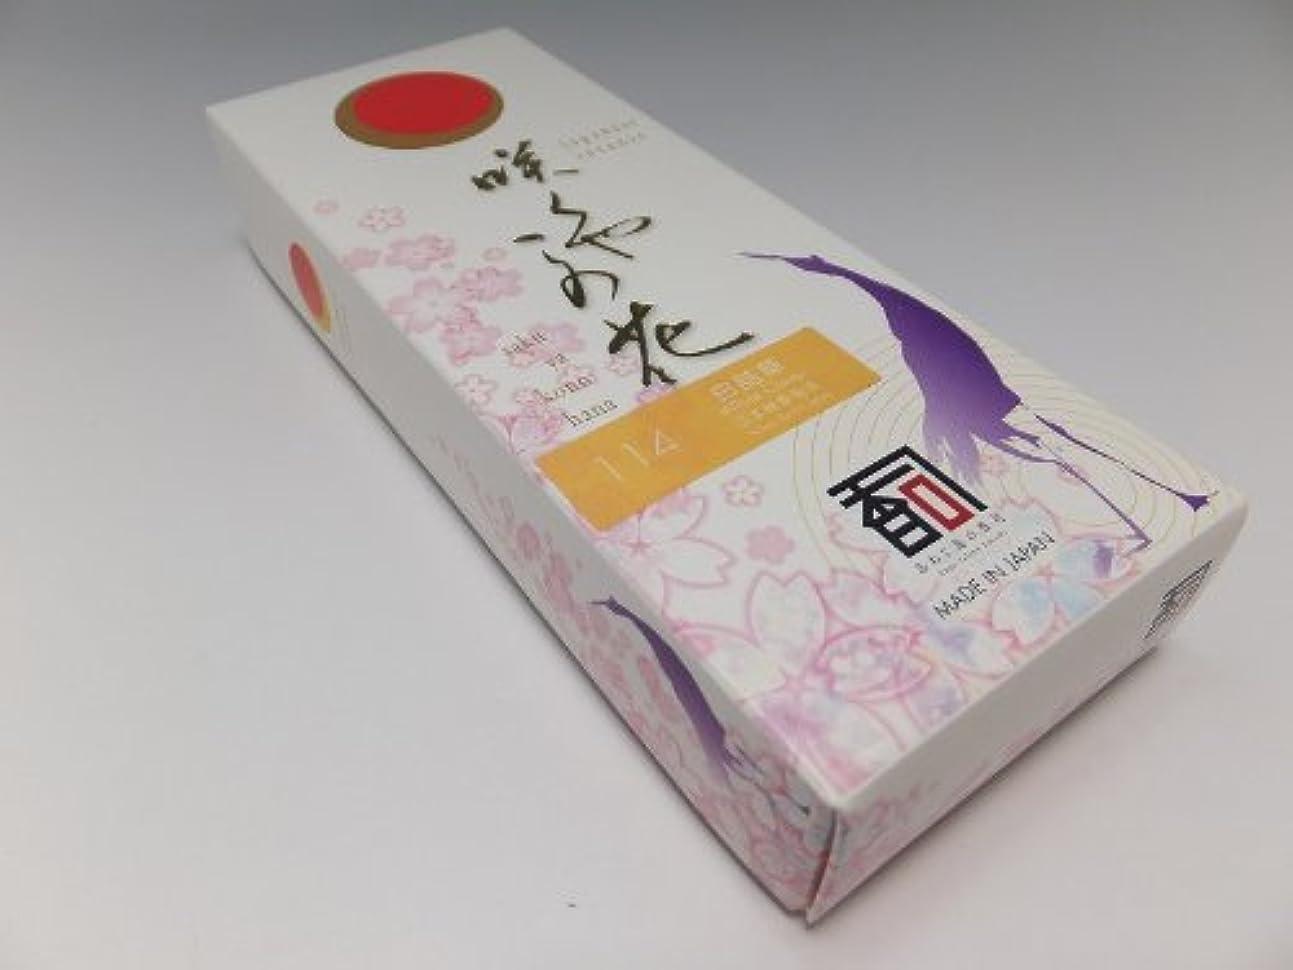 大気修理可能ネクタイ「あわじ島の香司」 日本の香りシリーズ  [咲くや この花] 【114】 白詰草 (有煙)